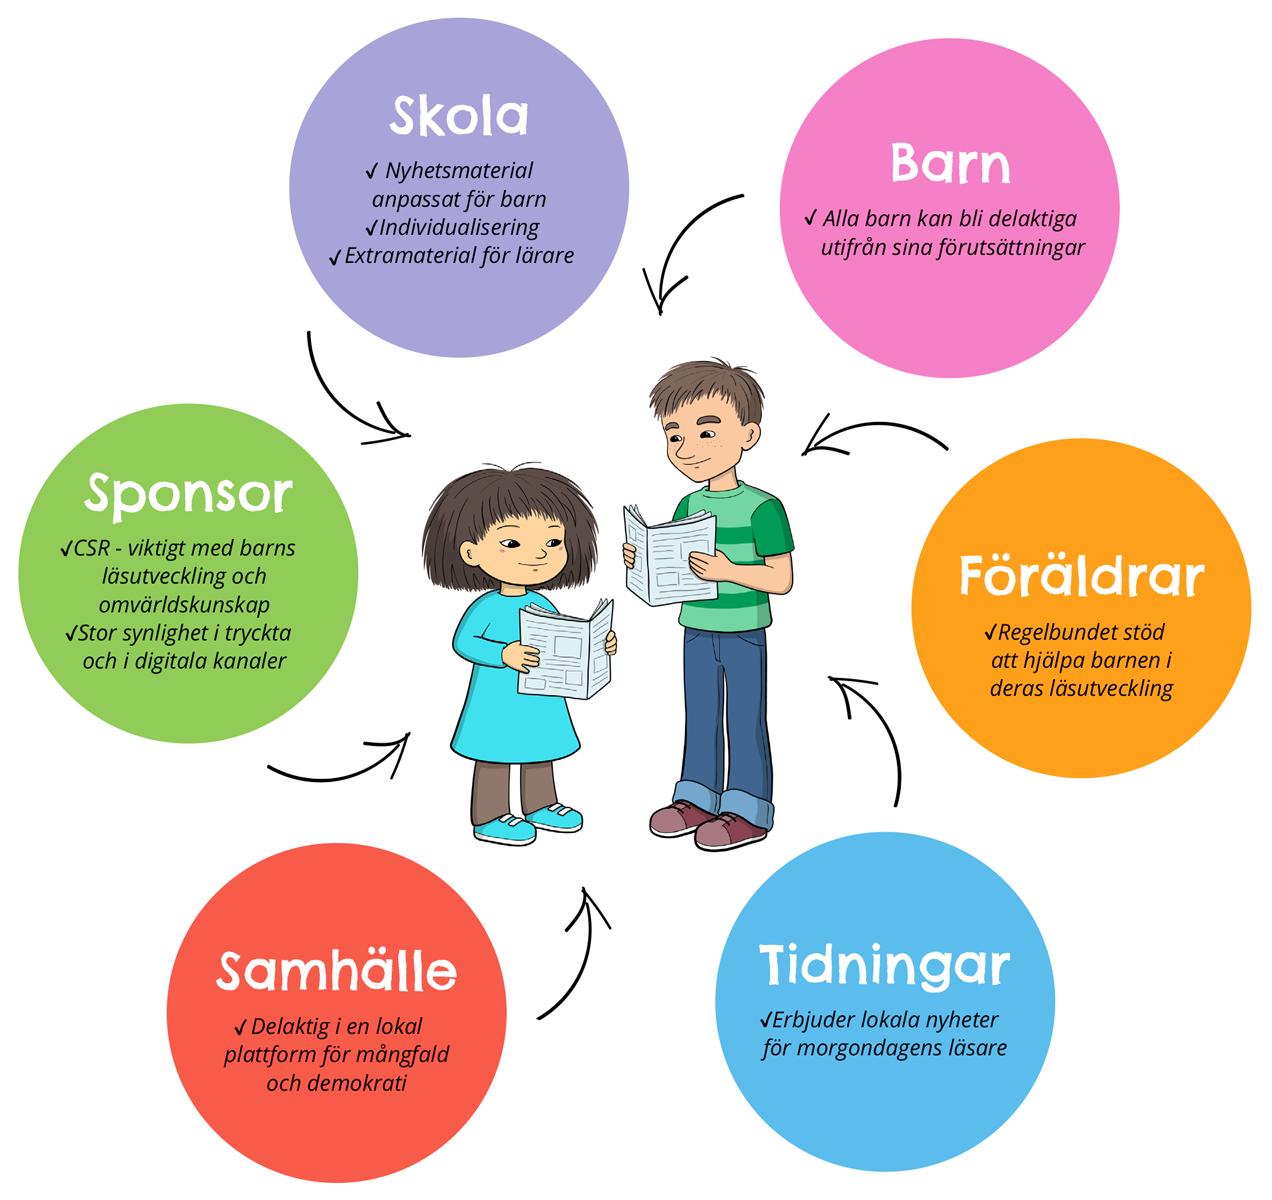 Skola: Nyhetsmaterial anpassat för barn. Individualisering. Extramaterial för lärare. Barn: Alla barn kan bli delaktiga utifrån sina förutsättningar. Föräldrar: Regelbundet stöd att hjälpa barnen i deras läsutveckling. Tidningar: Erbjuder lokala nyheter för morgondagens läsare. Samhälle: Delaktig i en lokal plattform för mångfald och demokrati. Sponsor: CSR - viktigt med barns läsutveckling och omvärldskunskap. Stor synlighet i tryckta och i digitala kanaler.